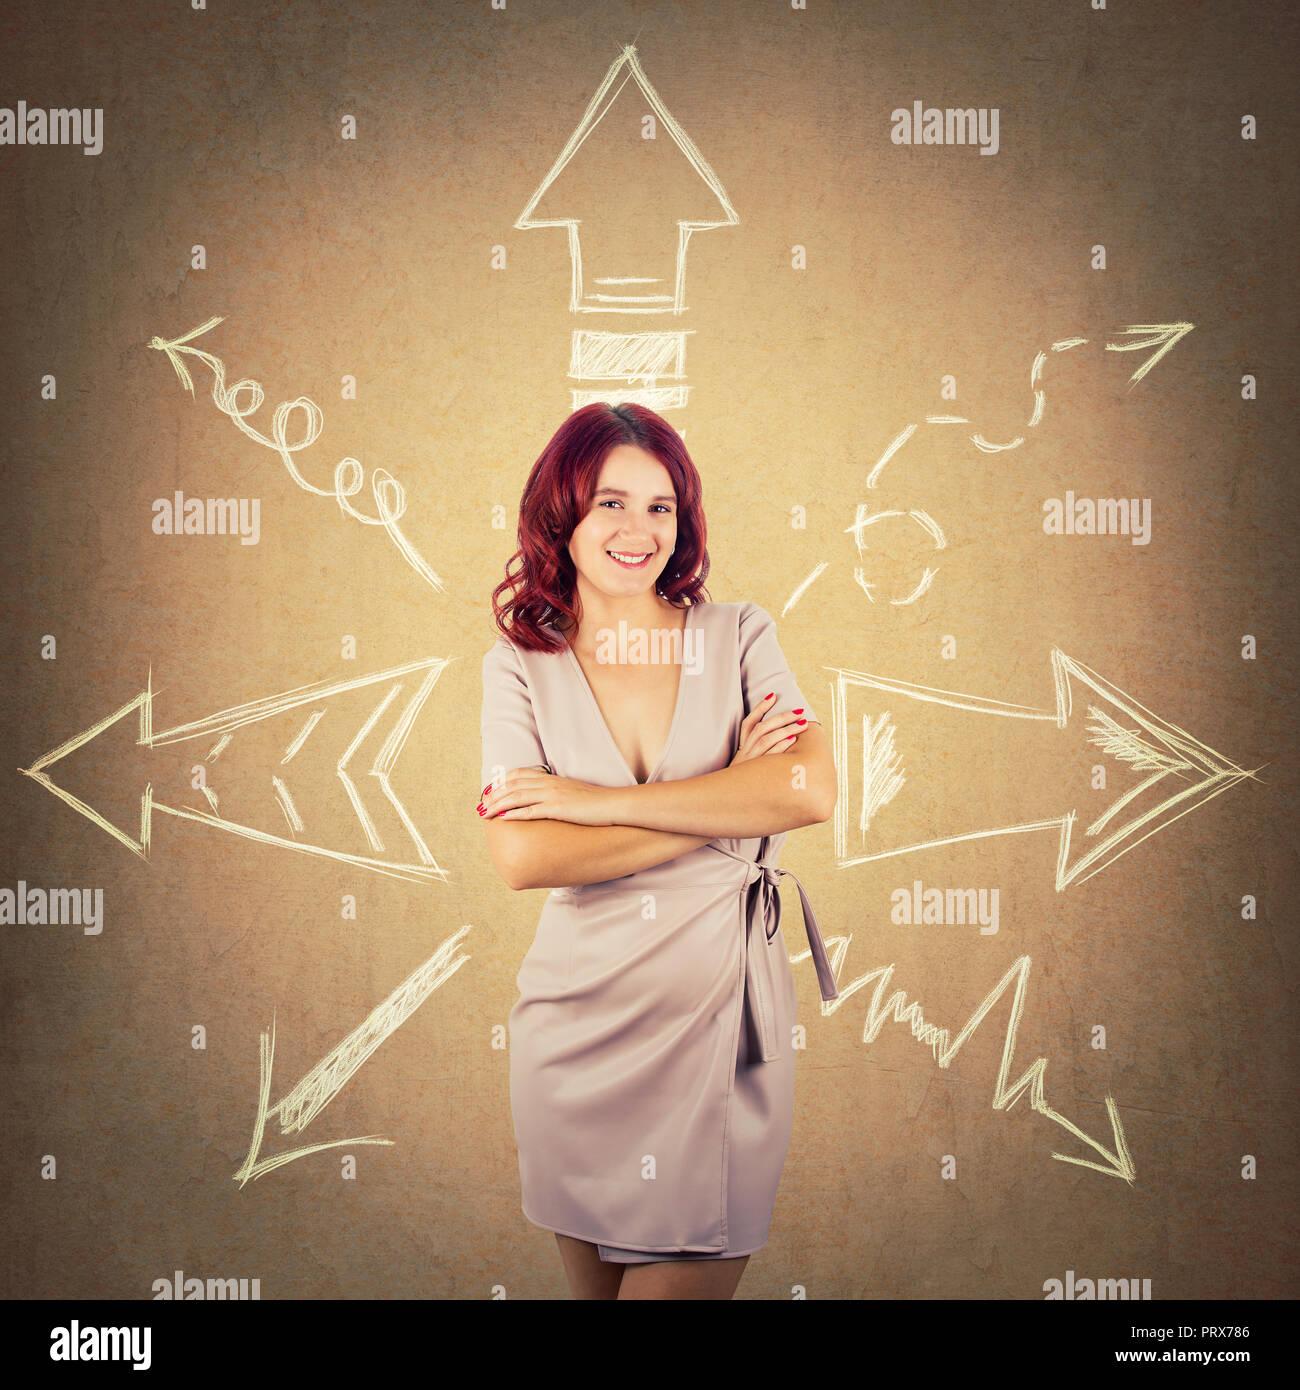 Redhead woman standing with arms crossed et flèches a souligné à différentes directions sur fond coloré. Choix difficile, décider où aller Photo Stock